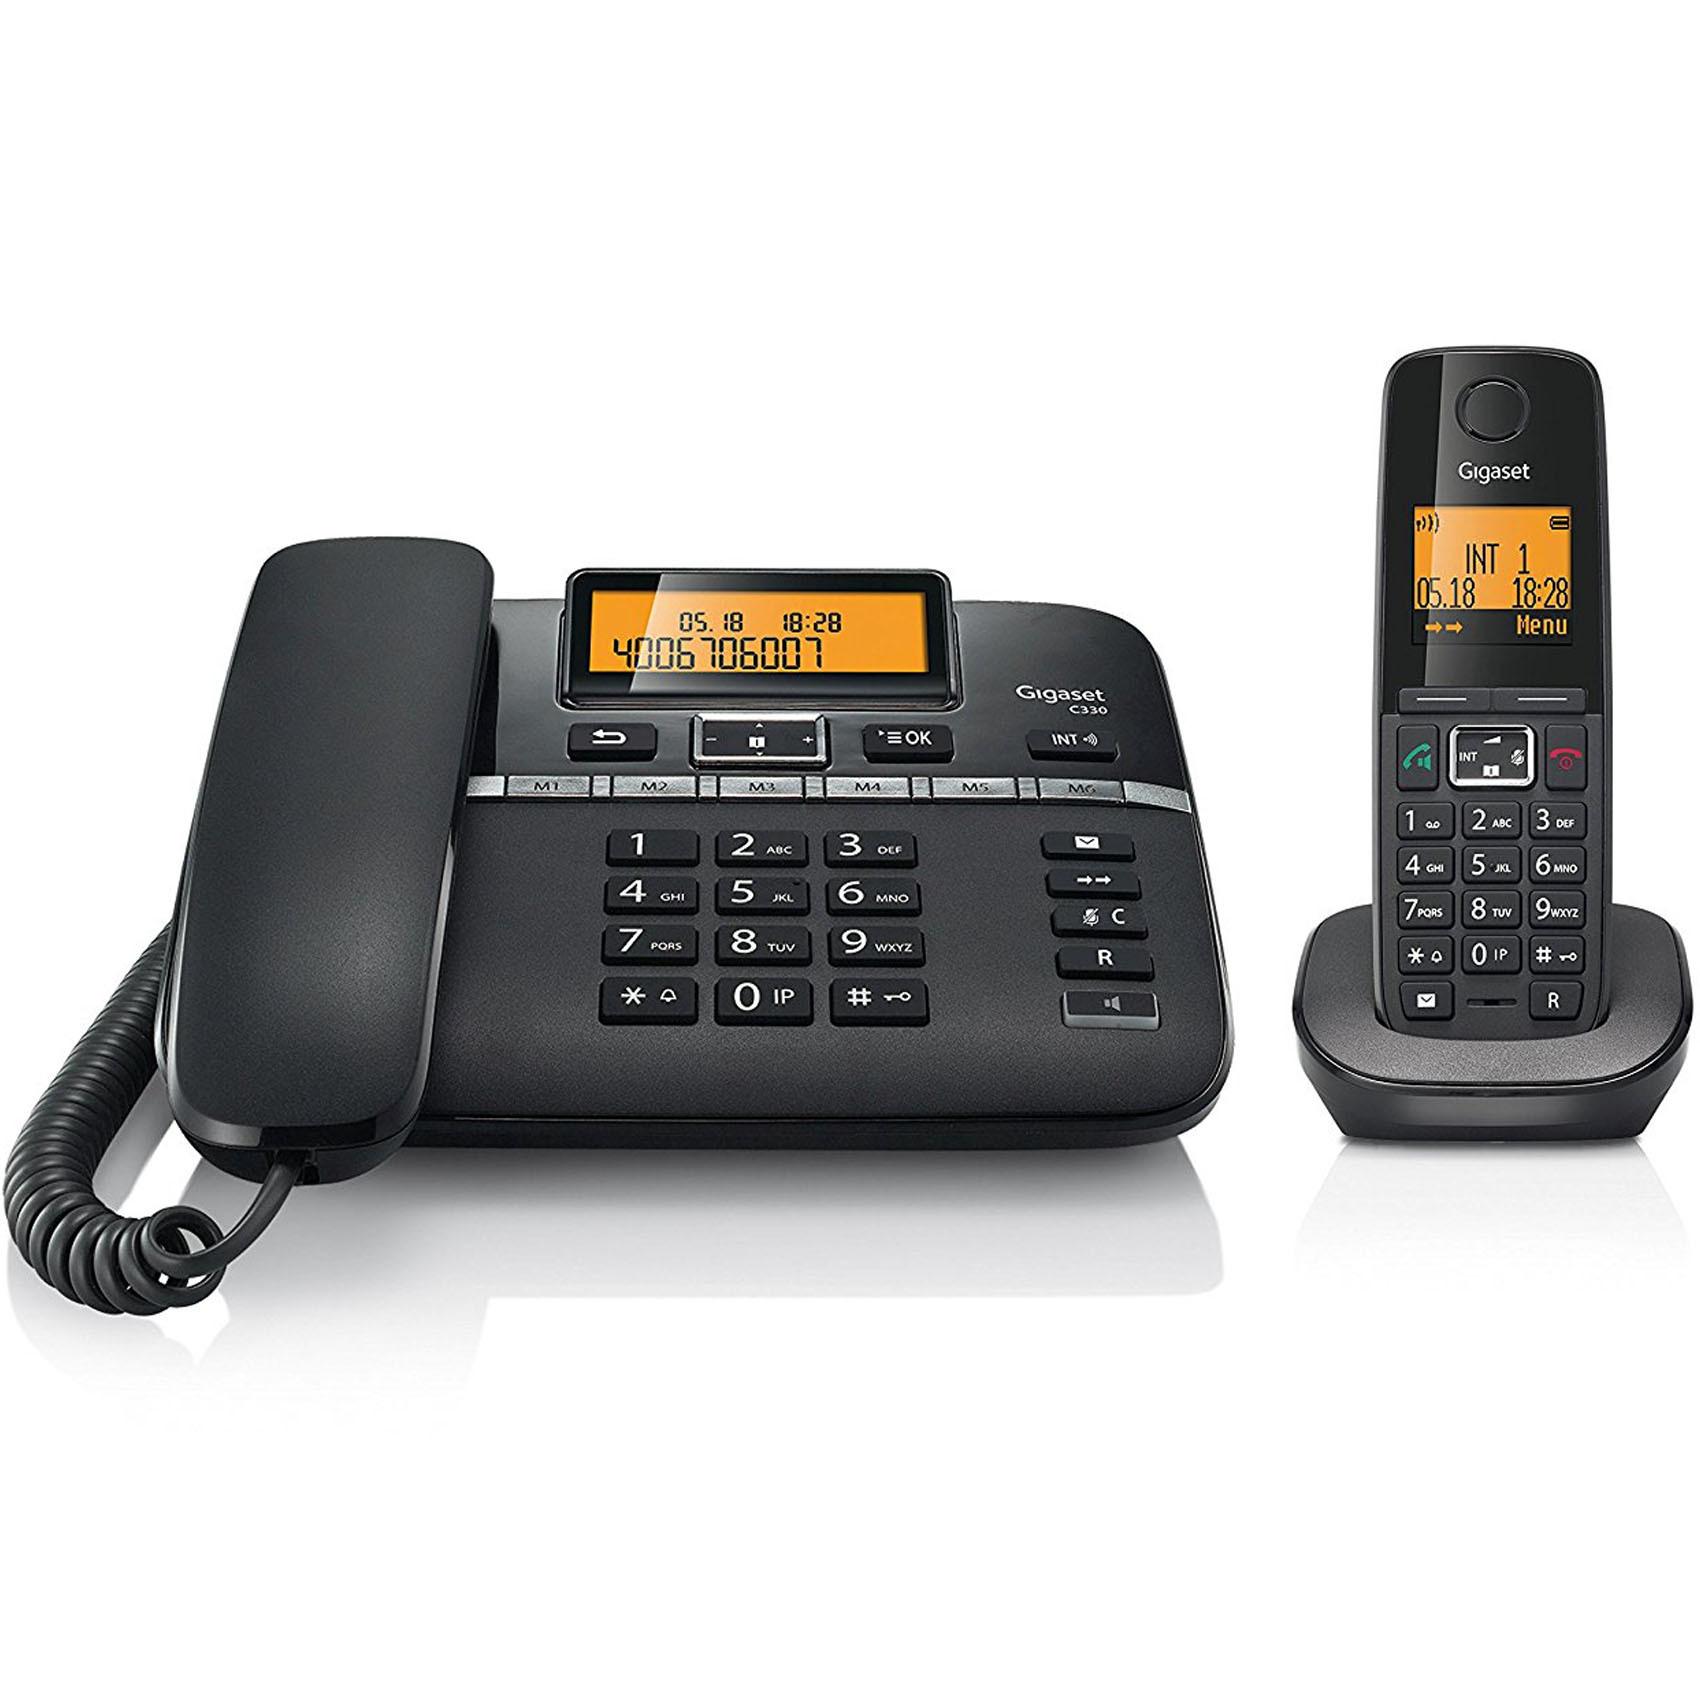 GIGASET C330 DECT PHONE